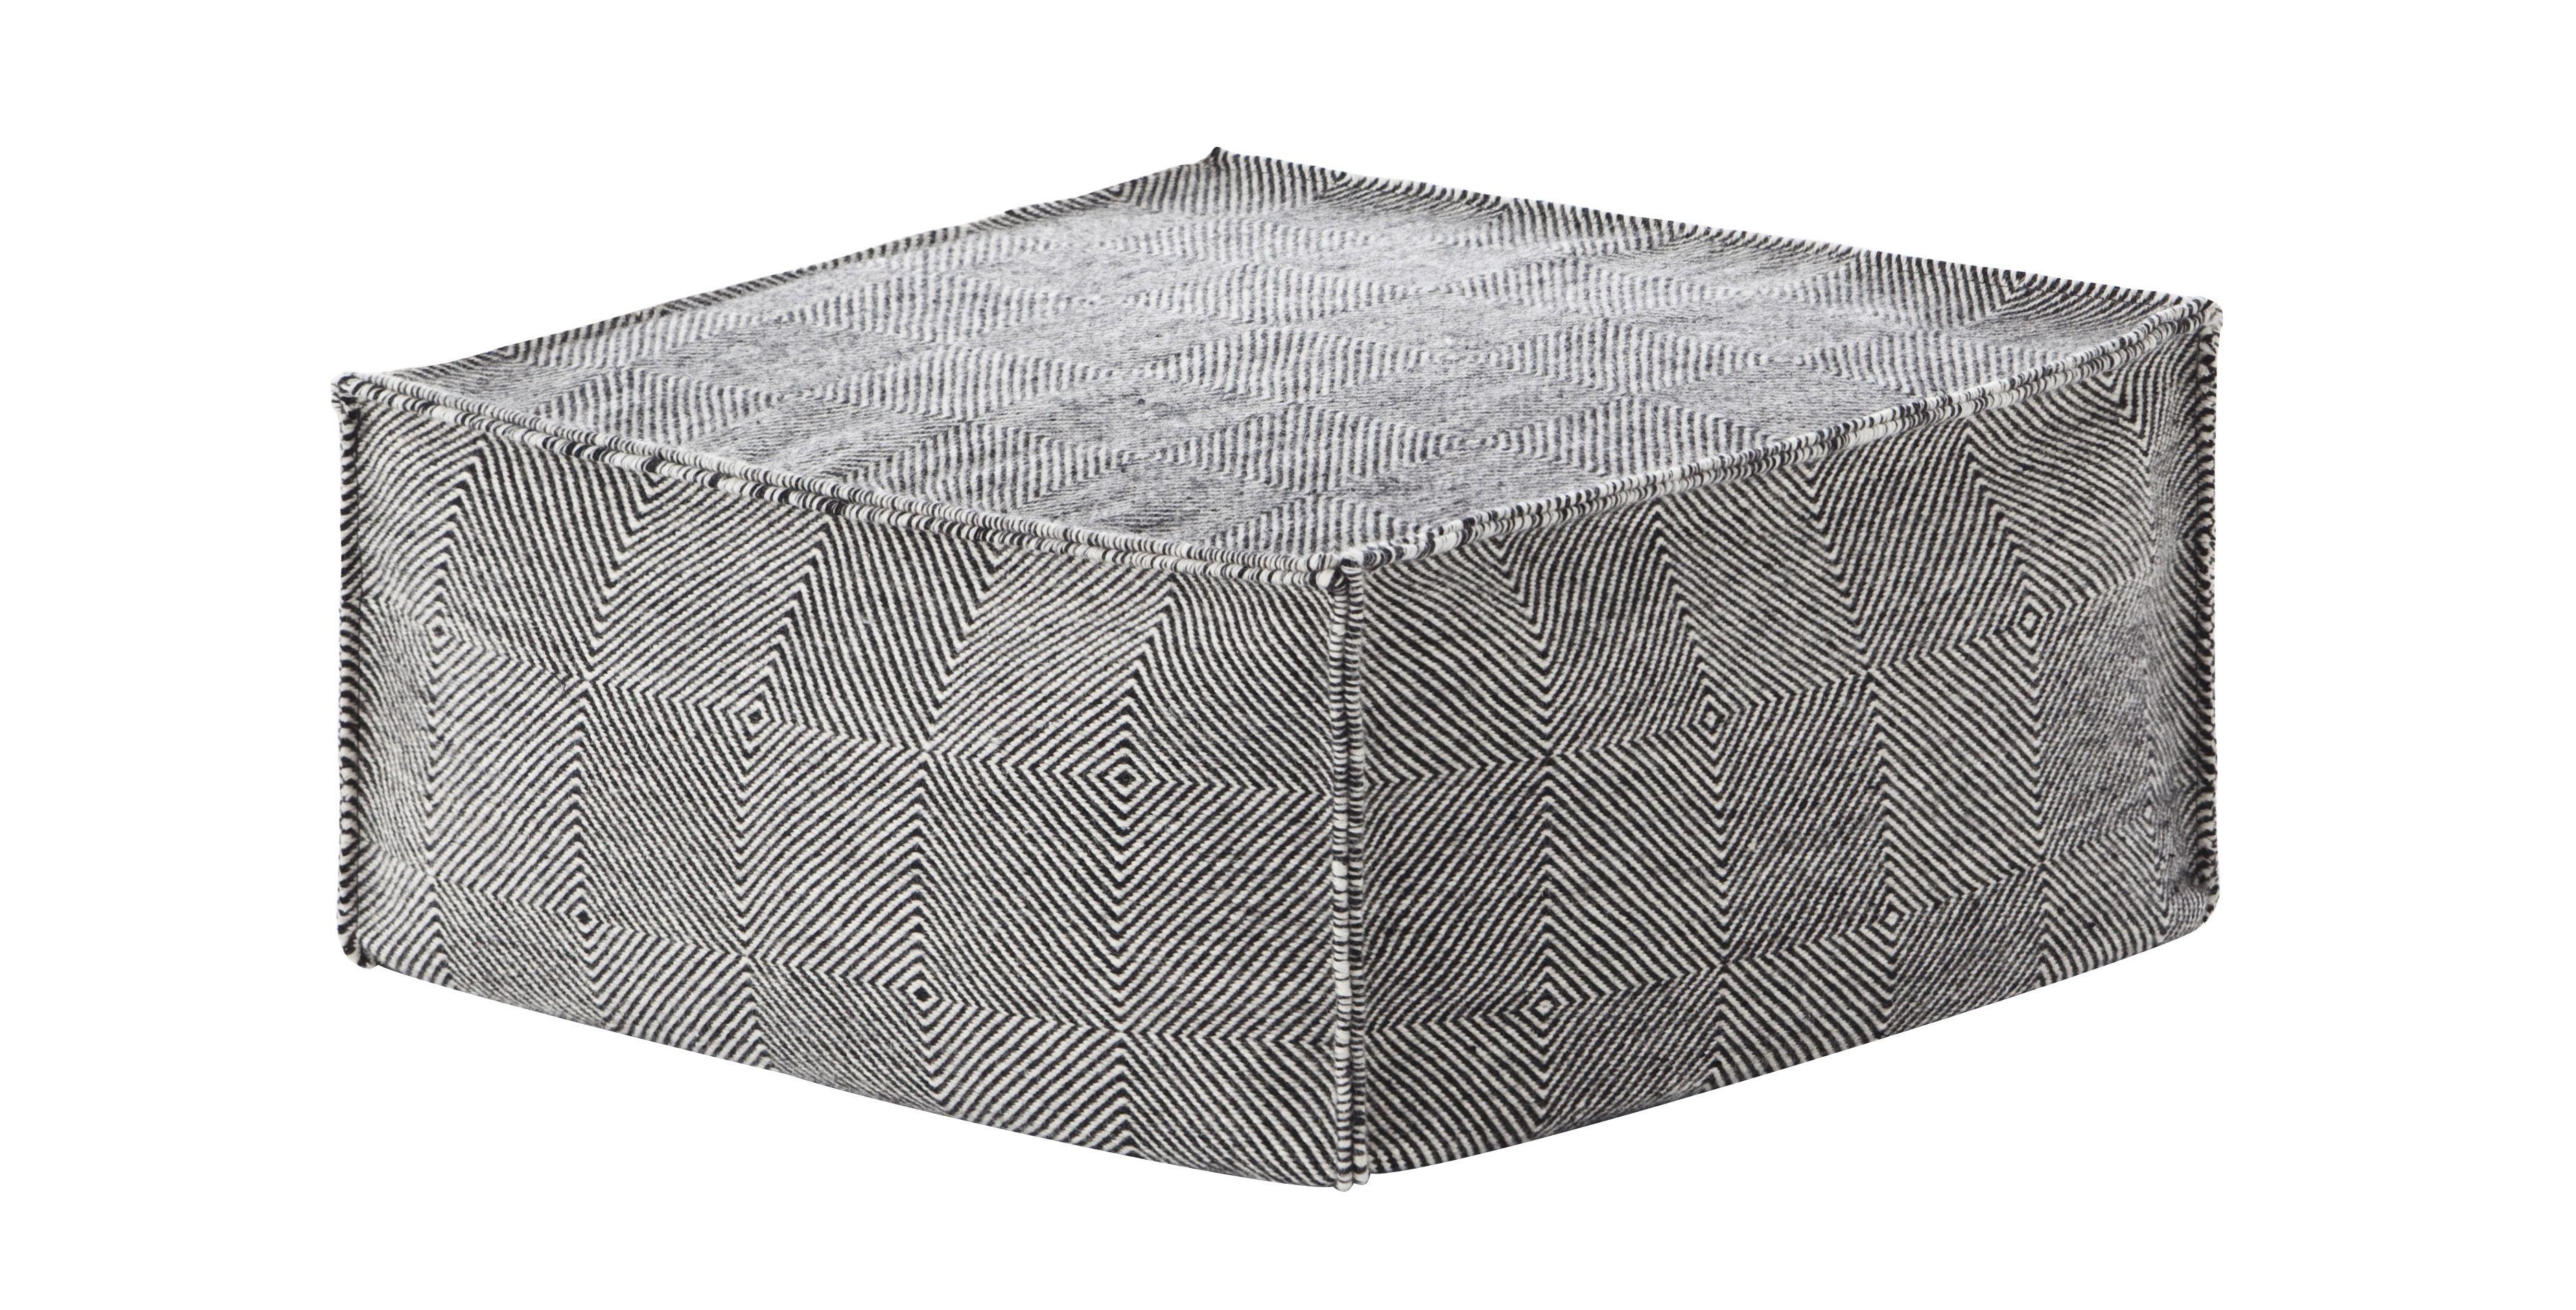 Möbel - Sitzkissen - Sail Sitzkissen / quadratisch, 75 x 75 cm - Gan - Schwarz - Billes de polystyrène, Laine vierge, Mousse caoutchouc